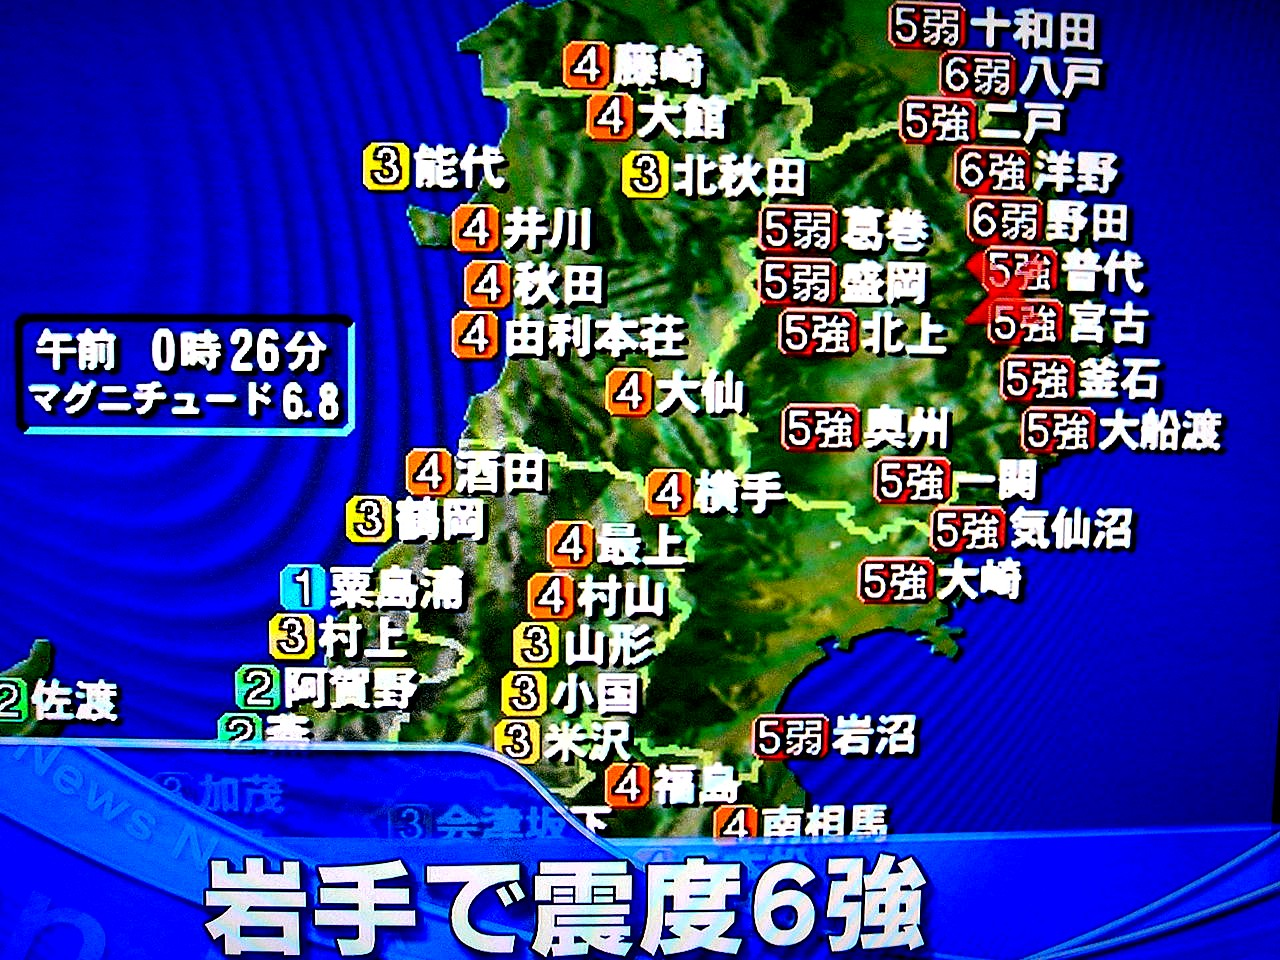 東京ベイ船橋ビビット2008Part2:...